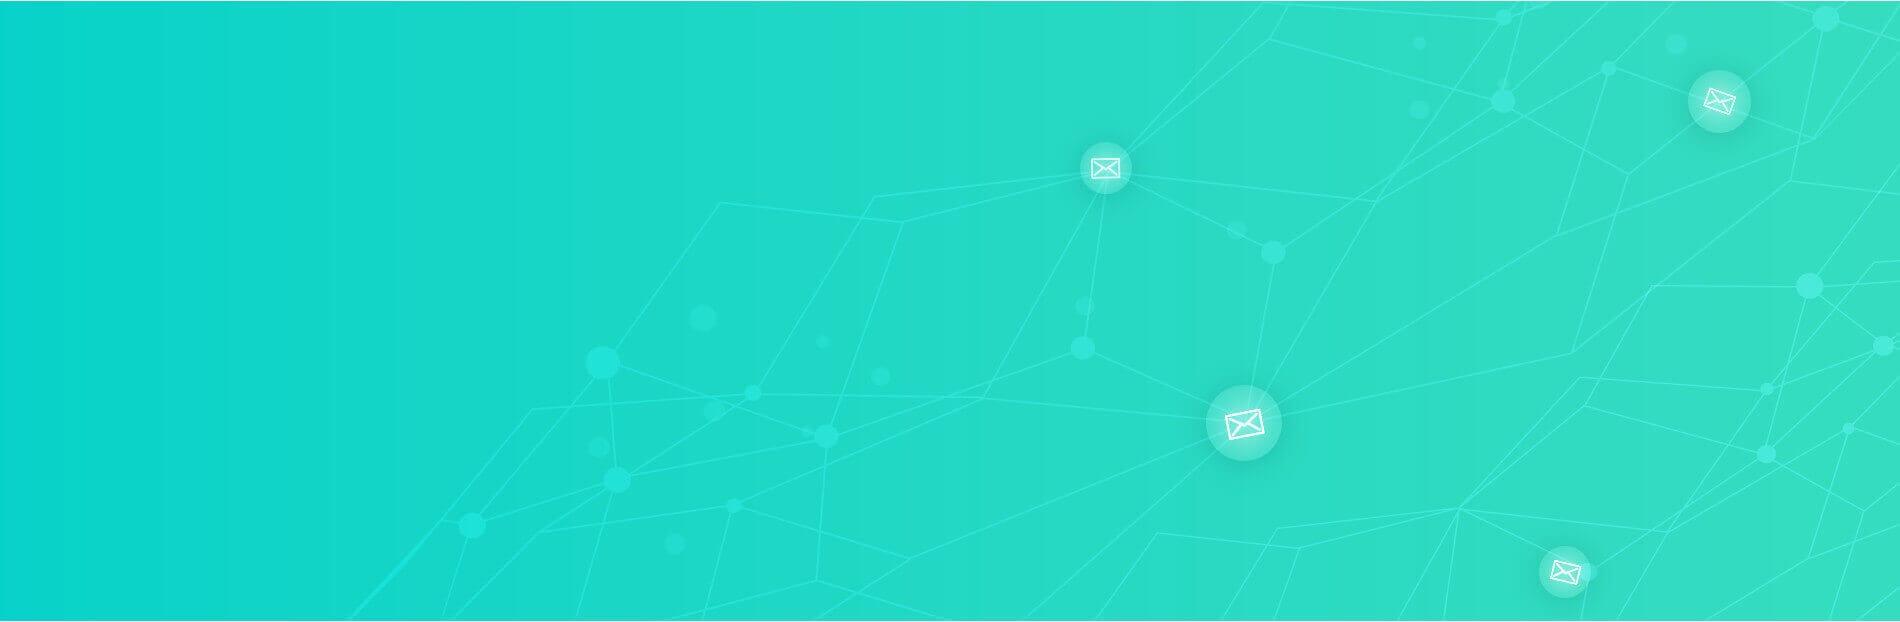 TextMe מערכת דיוור ארגונית ב- SMS